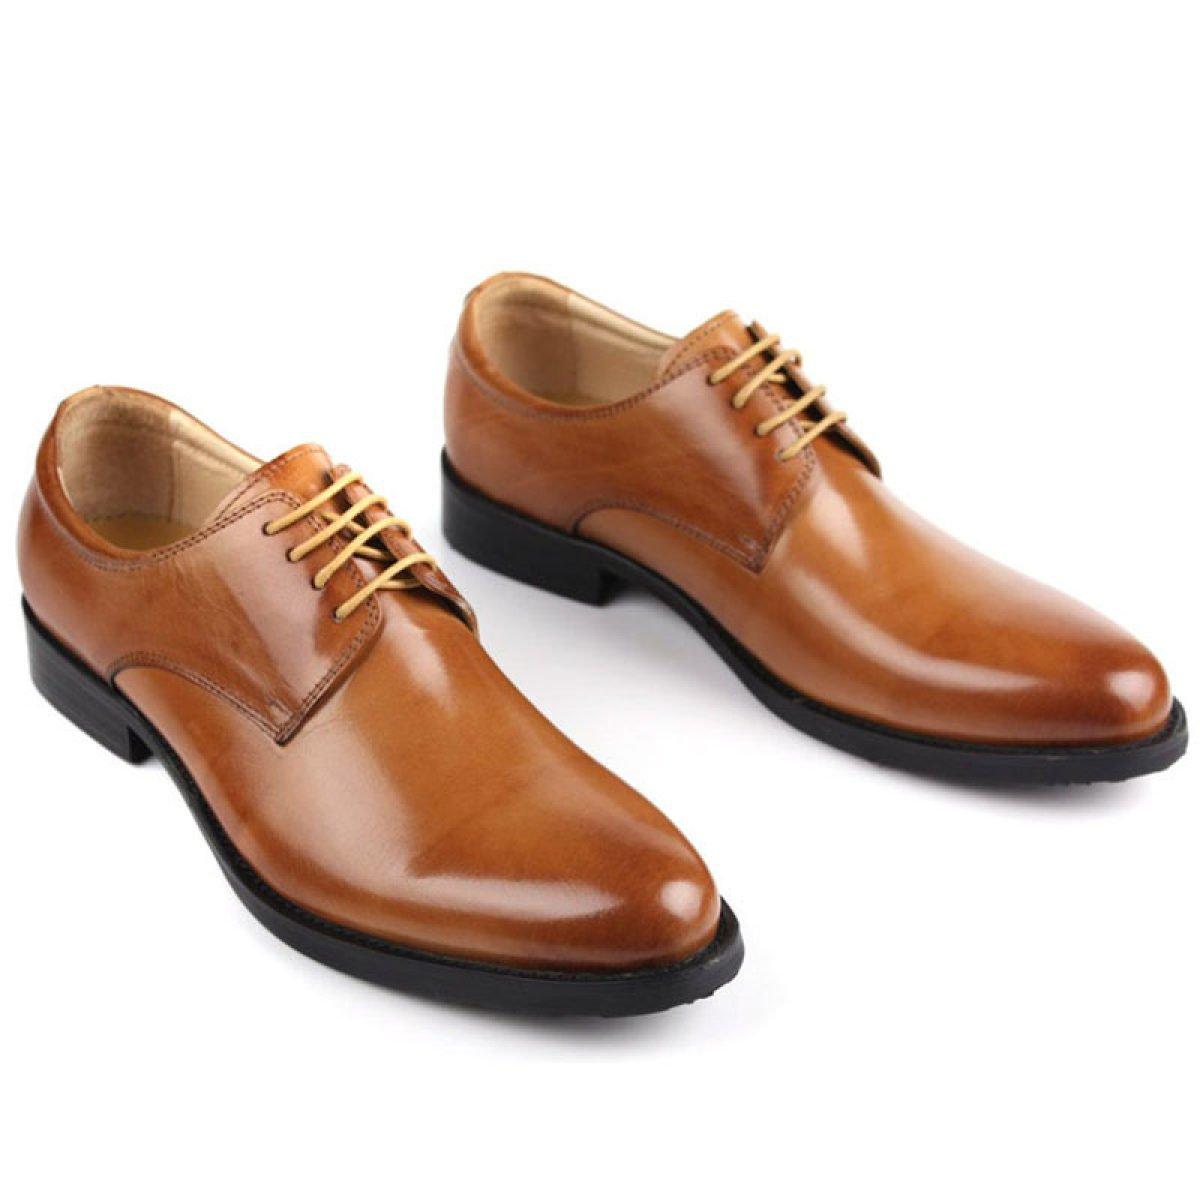 Männer Geschäft Kleidschuhe Schuhe Runder Kopf Herrenschuhe Leder Niedrige Schuhe Schuhe Kleidschuhe Casual Yellow 472a65